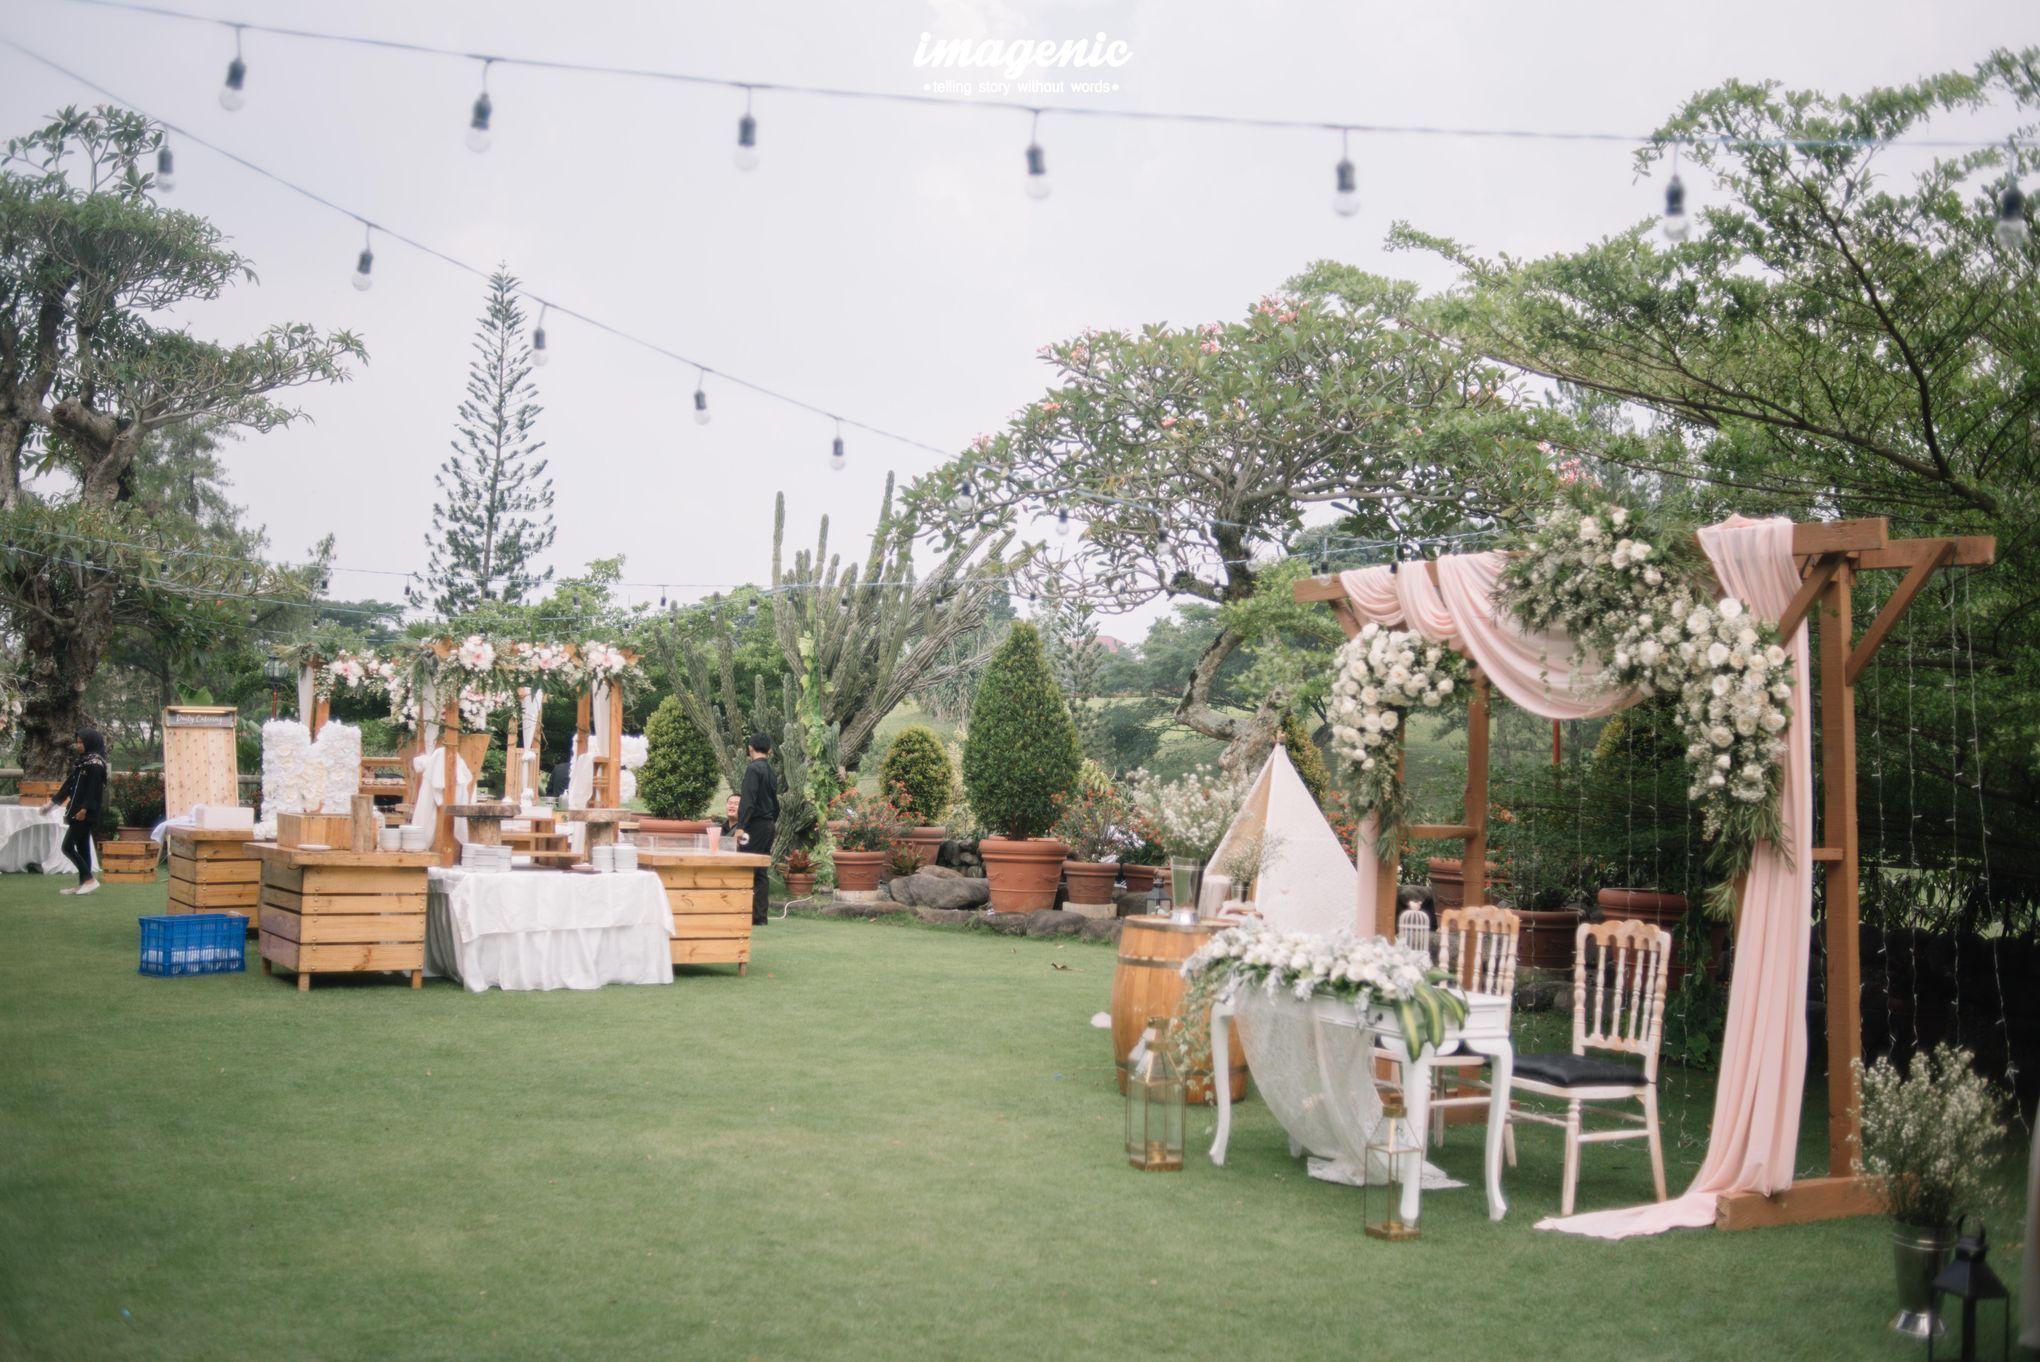 Wedding Farhad And Hamidah By Imagenic 005 Ide Perkawinan Perkawinan Ide